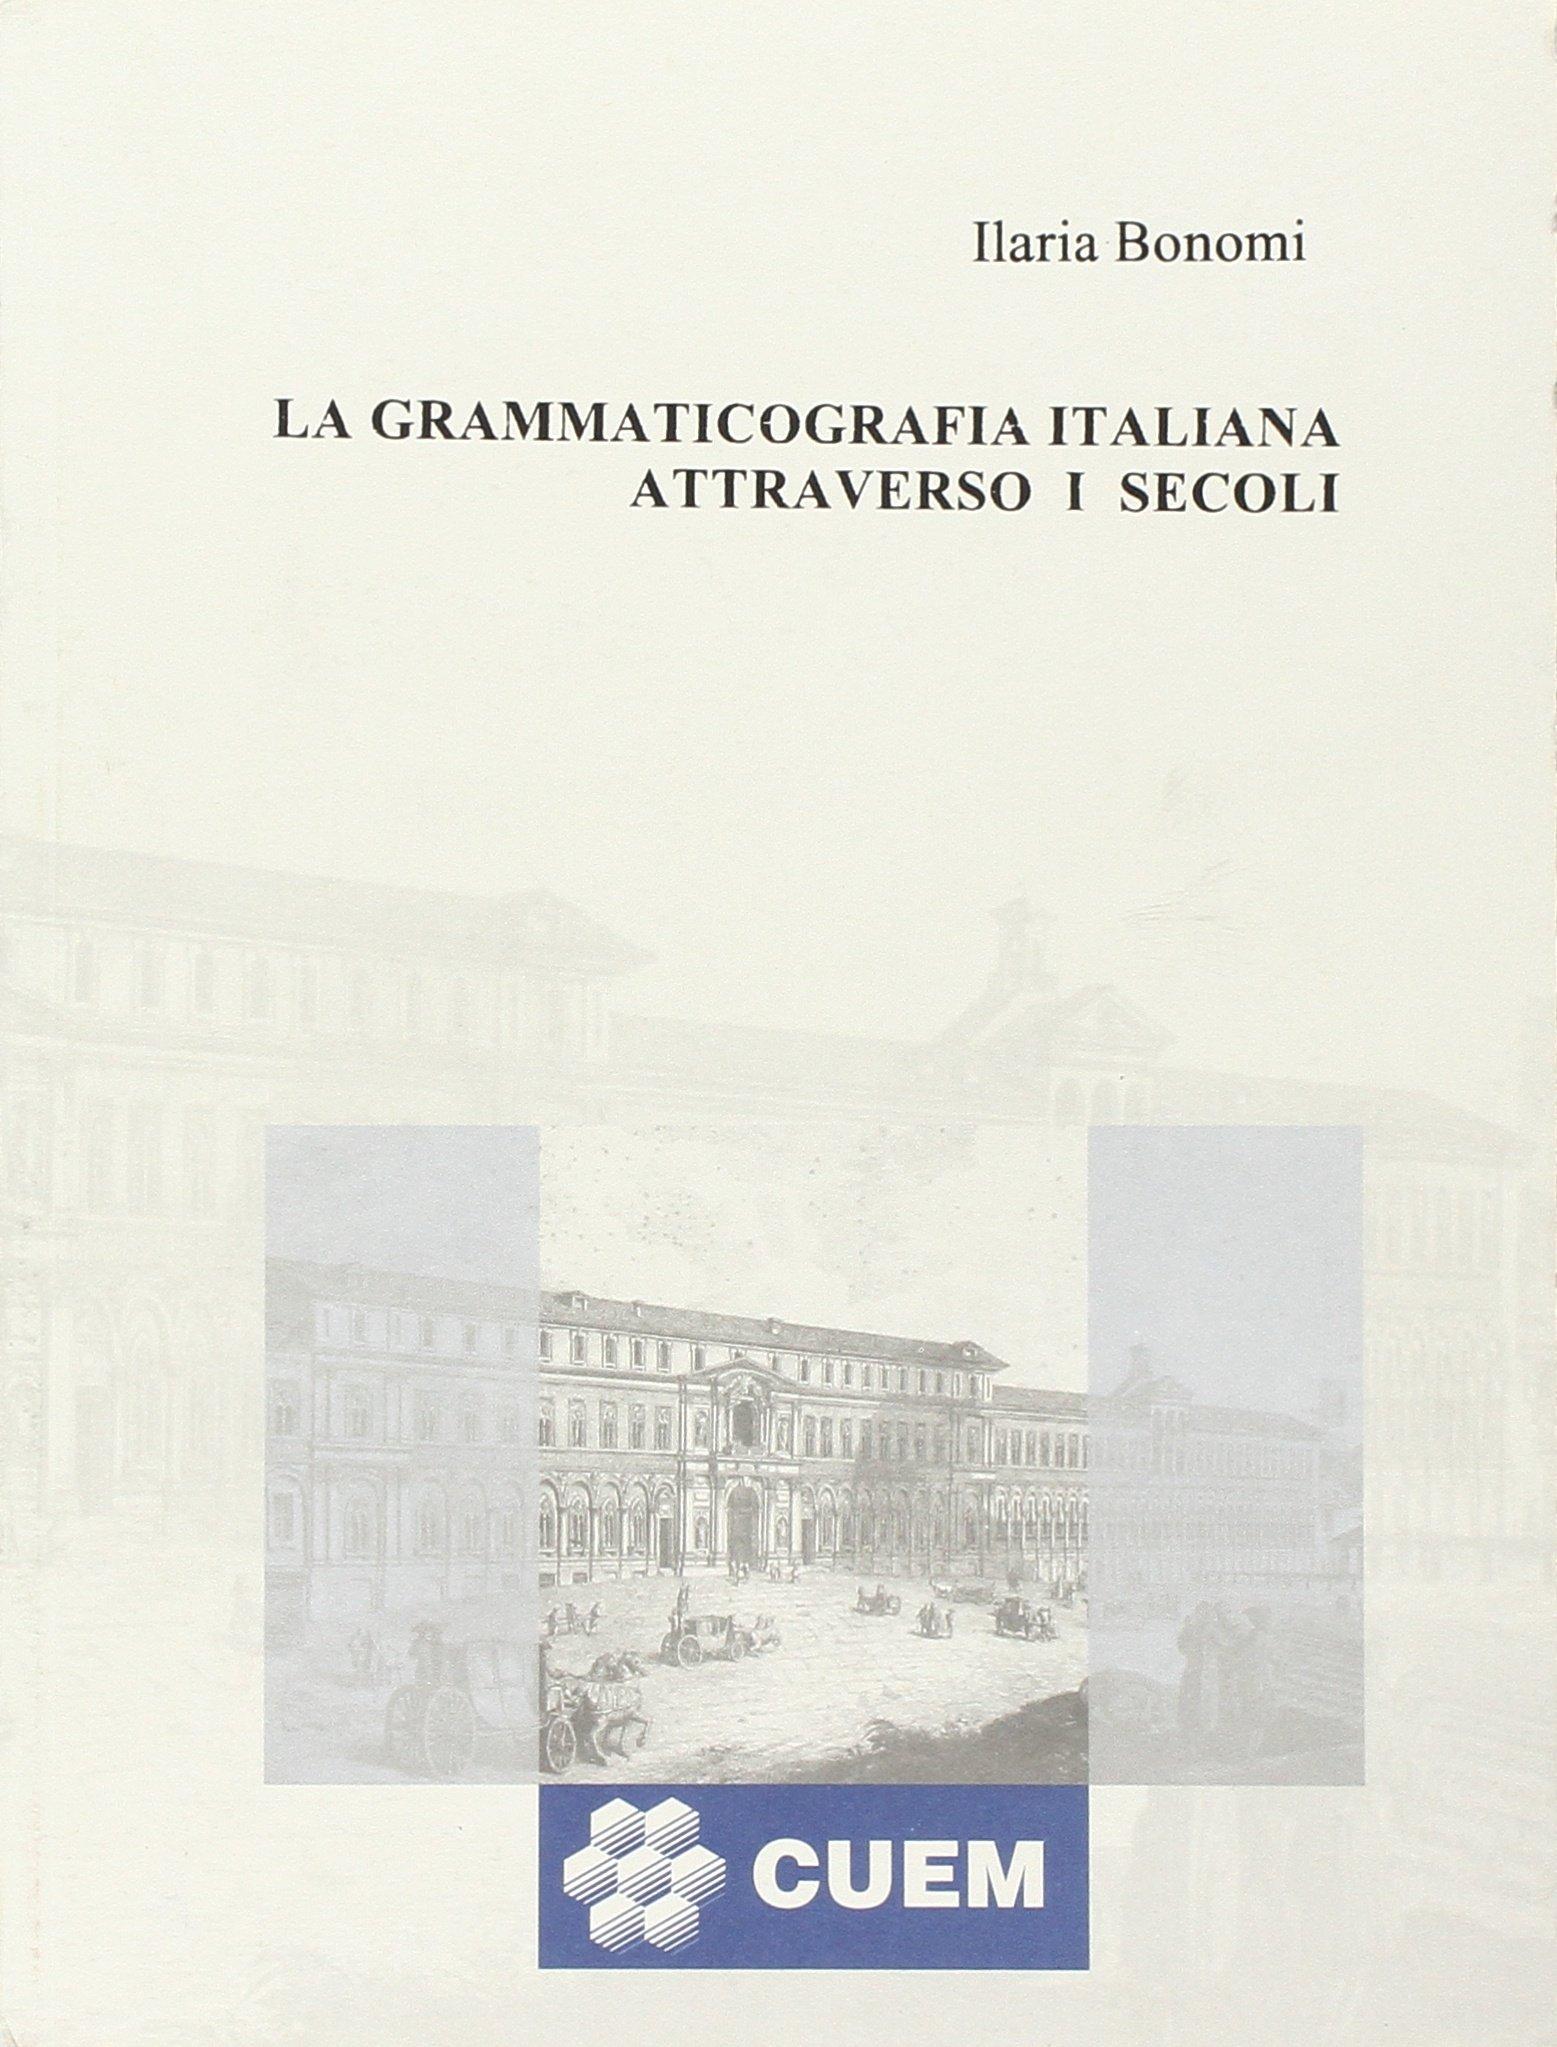 La grammaticografia italiana attraverso i secoli (Linguistica e filologia)